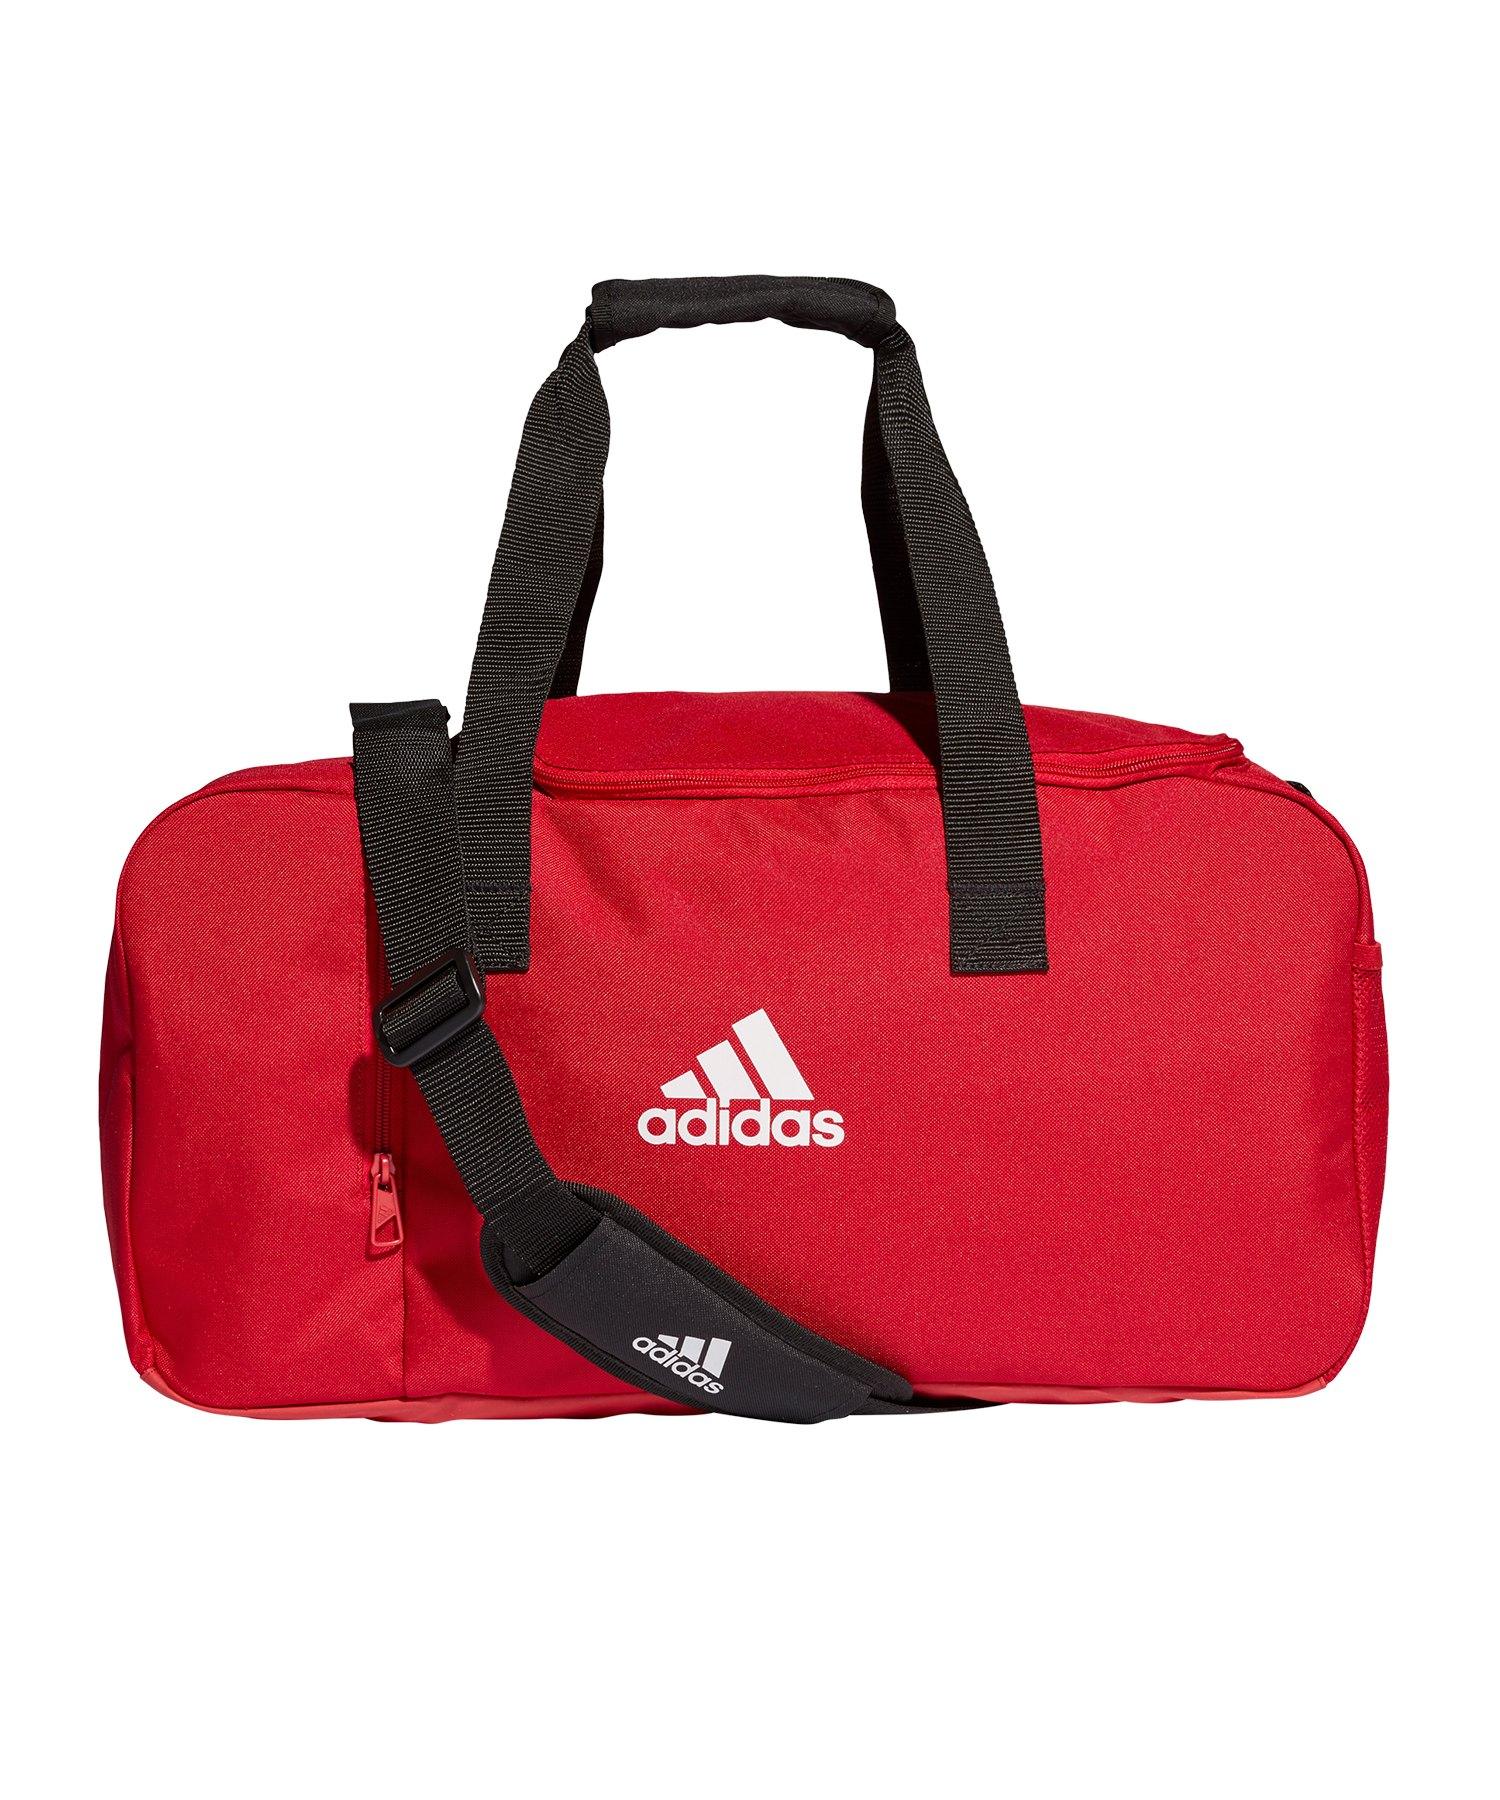 adidas Tiro Duffel Bag Gr. S Rot Weiss - rot